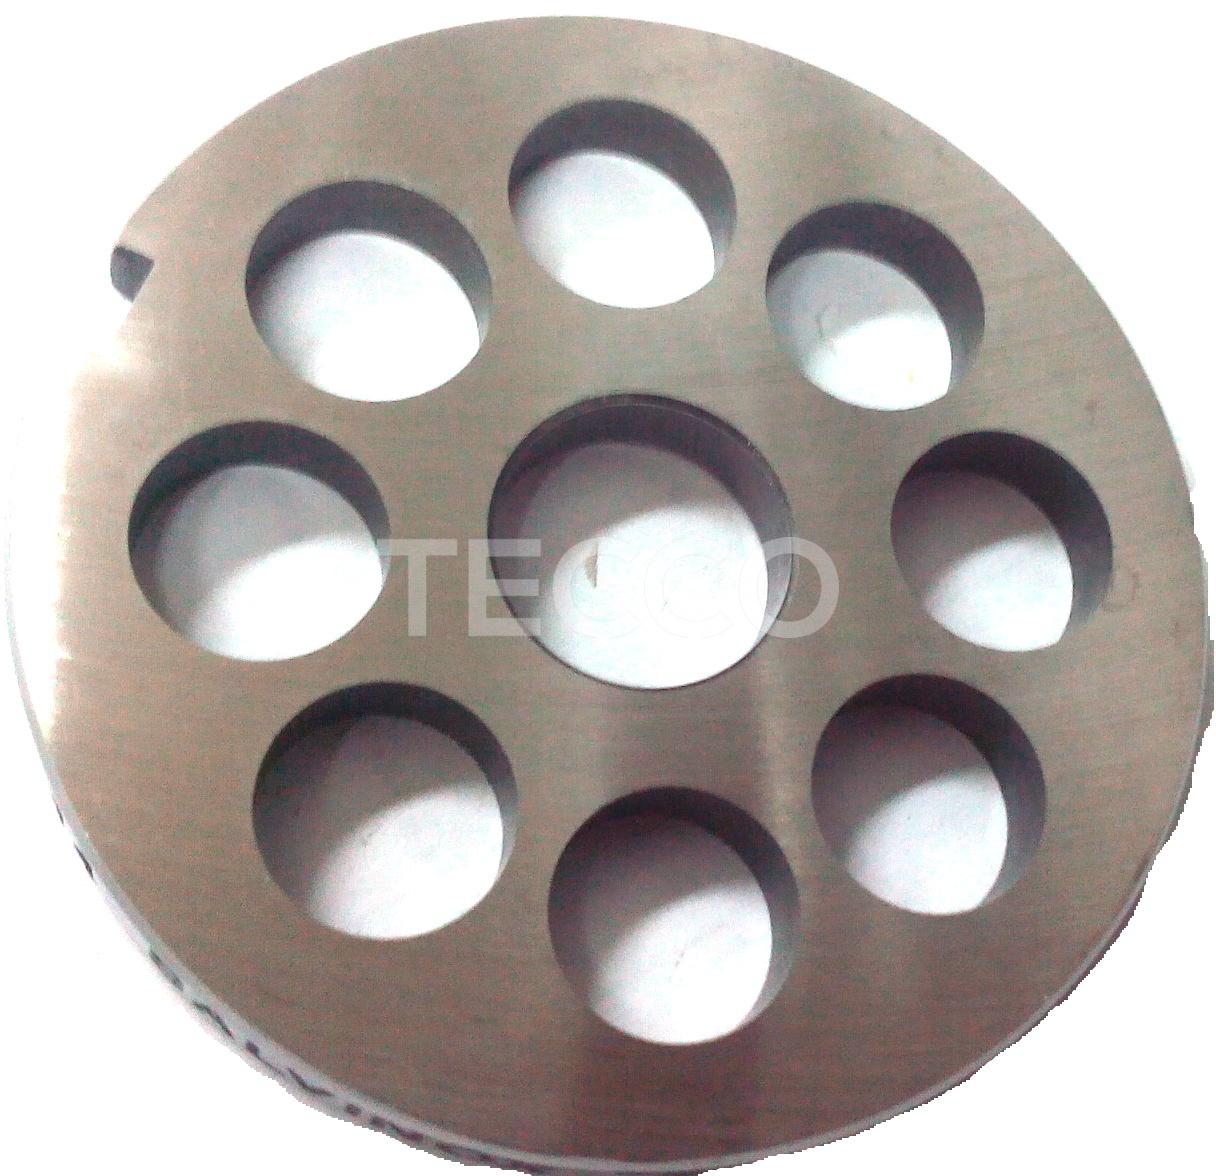 Решетка 14 мм для мясорубки модели 12 (R/70) системы Unger